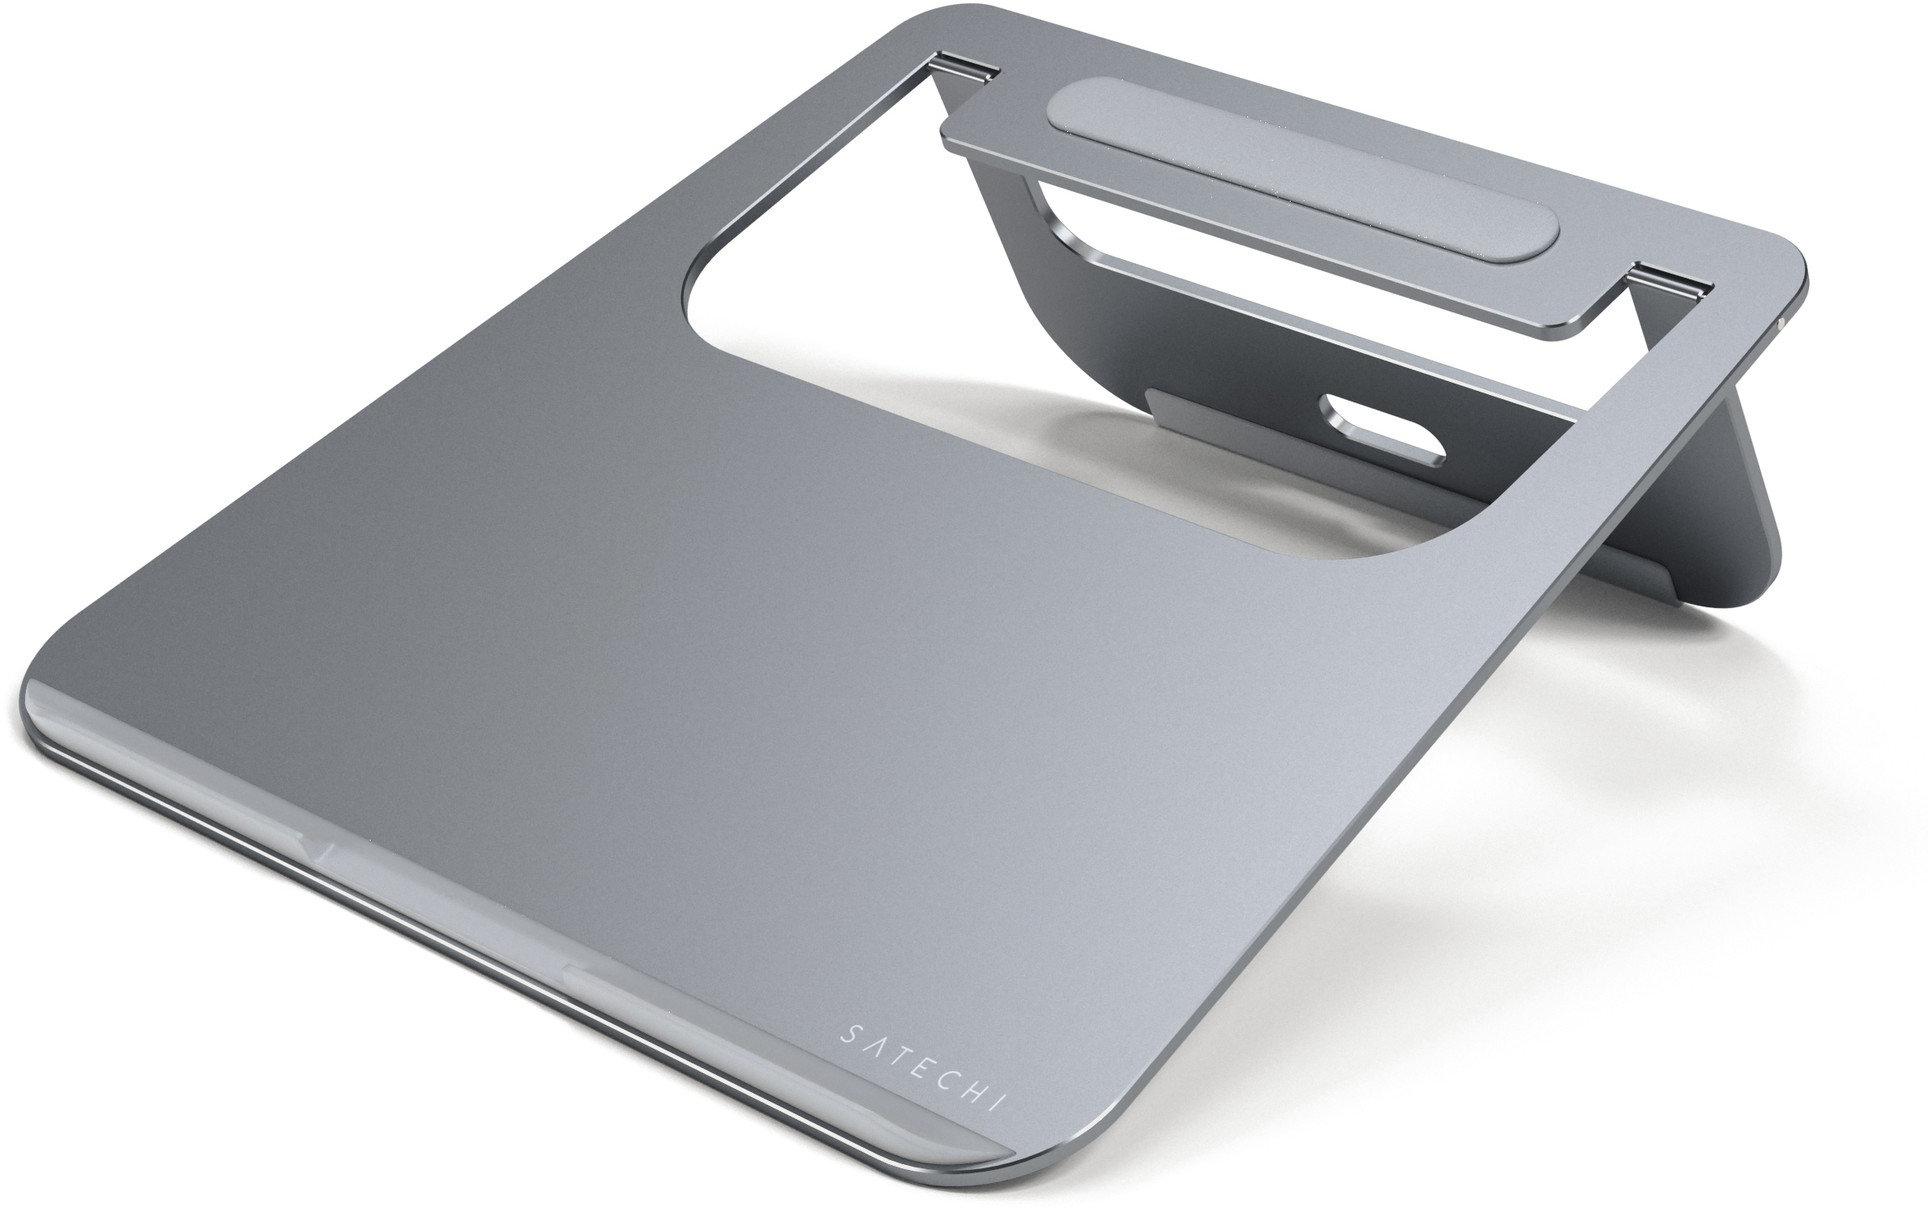 все цены на Подставка Satechi Aluminum ST-ALTSM для ноутбука (Space Gray) онлайн